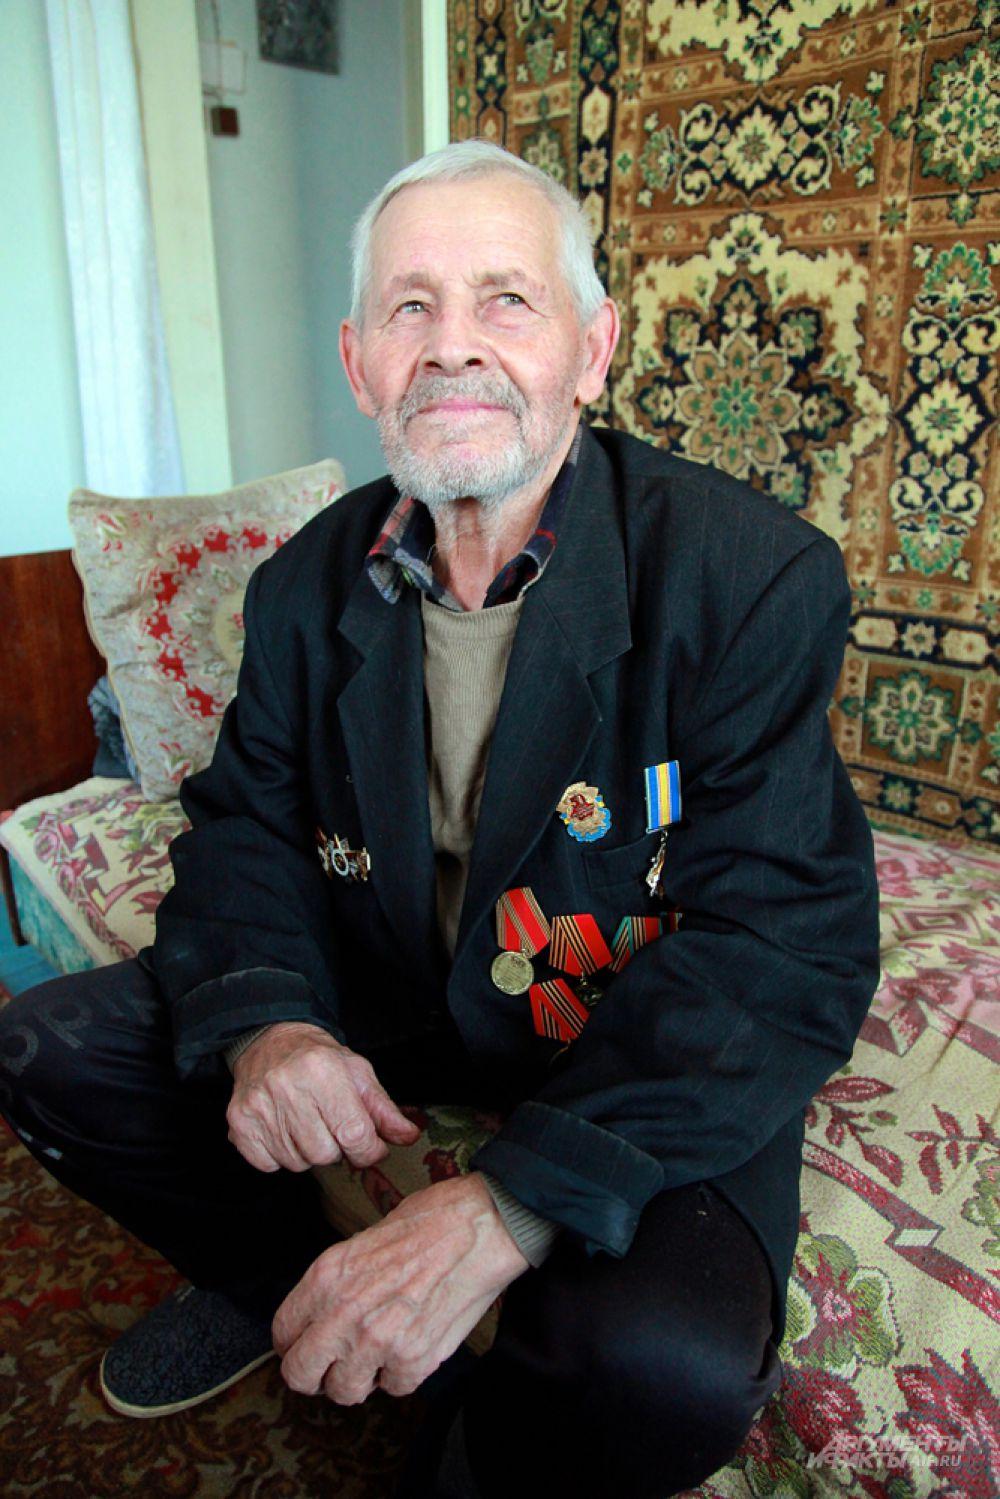 По возможности Виктор привозит продукты в поселок Михайловка, где живет 89-летний ветеран Великой Отечественной войны.